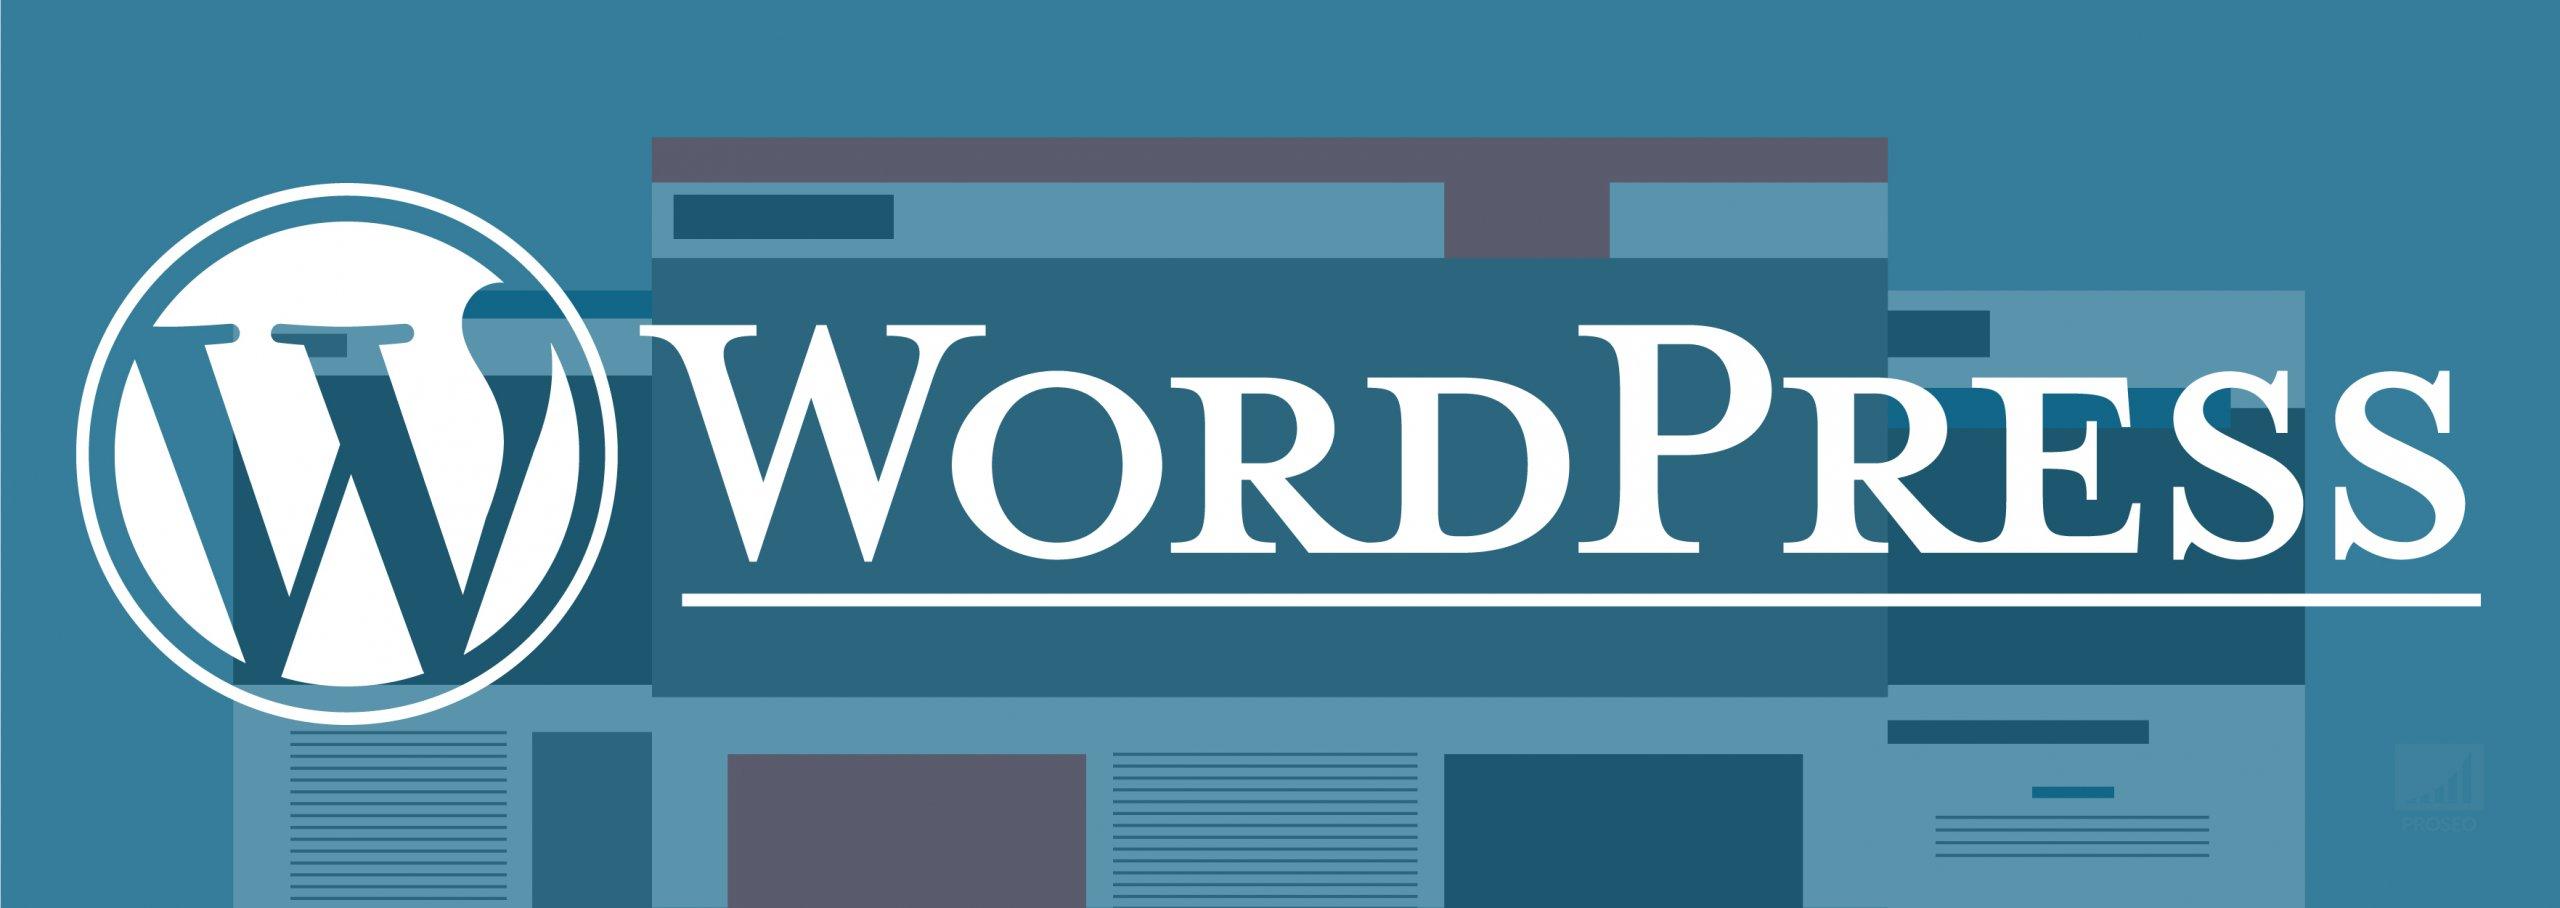 Hoe-kies-je-het-beste-Wordpress-thema-voor-SEO